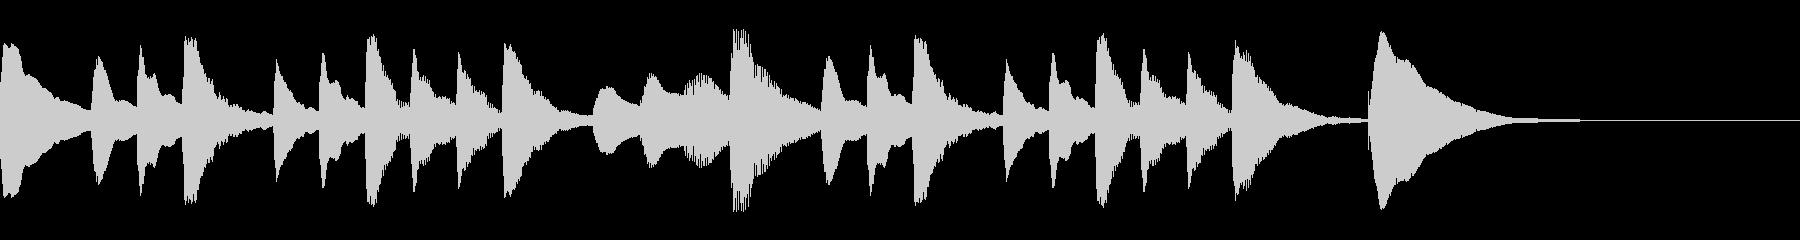 マリンバジングル9 のんびりほのぼのの未再生の波形